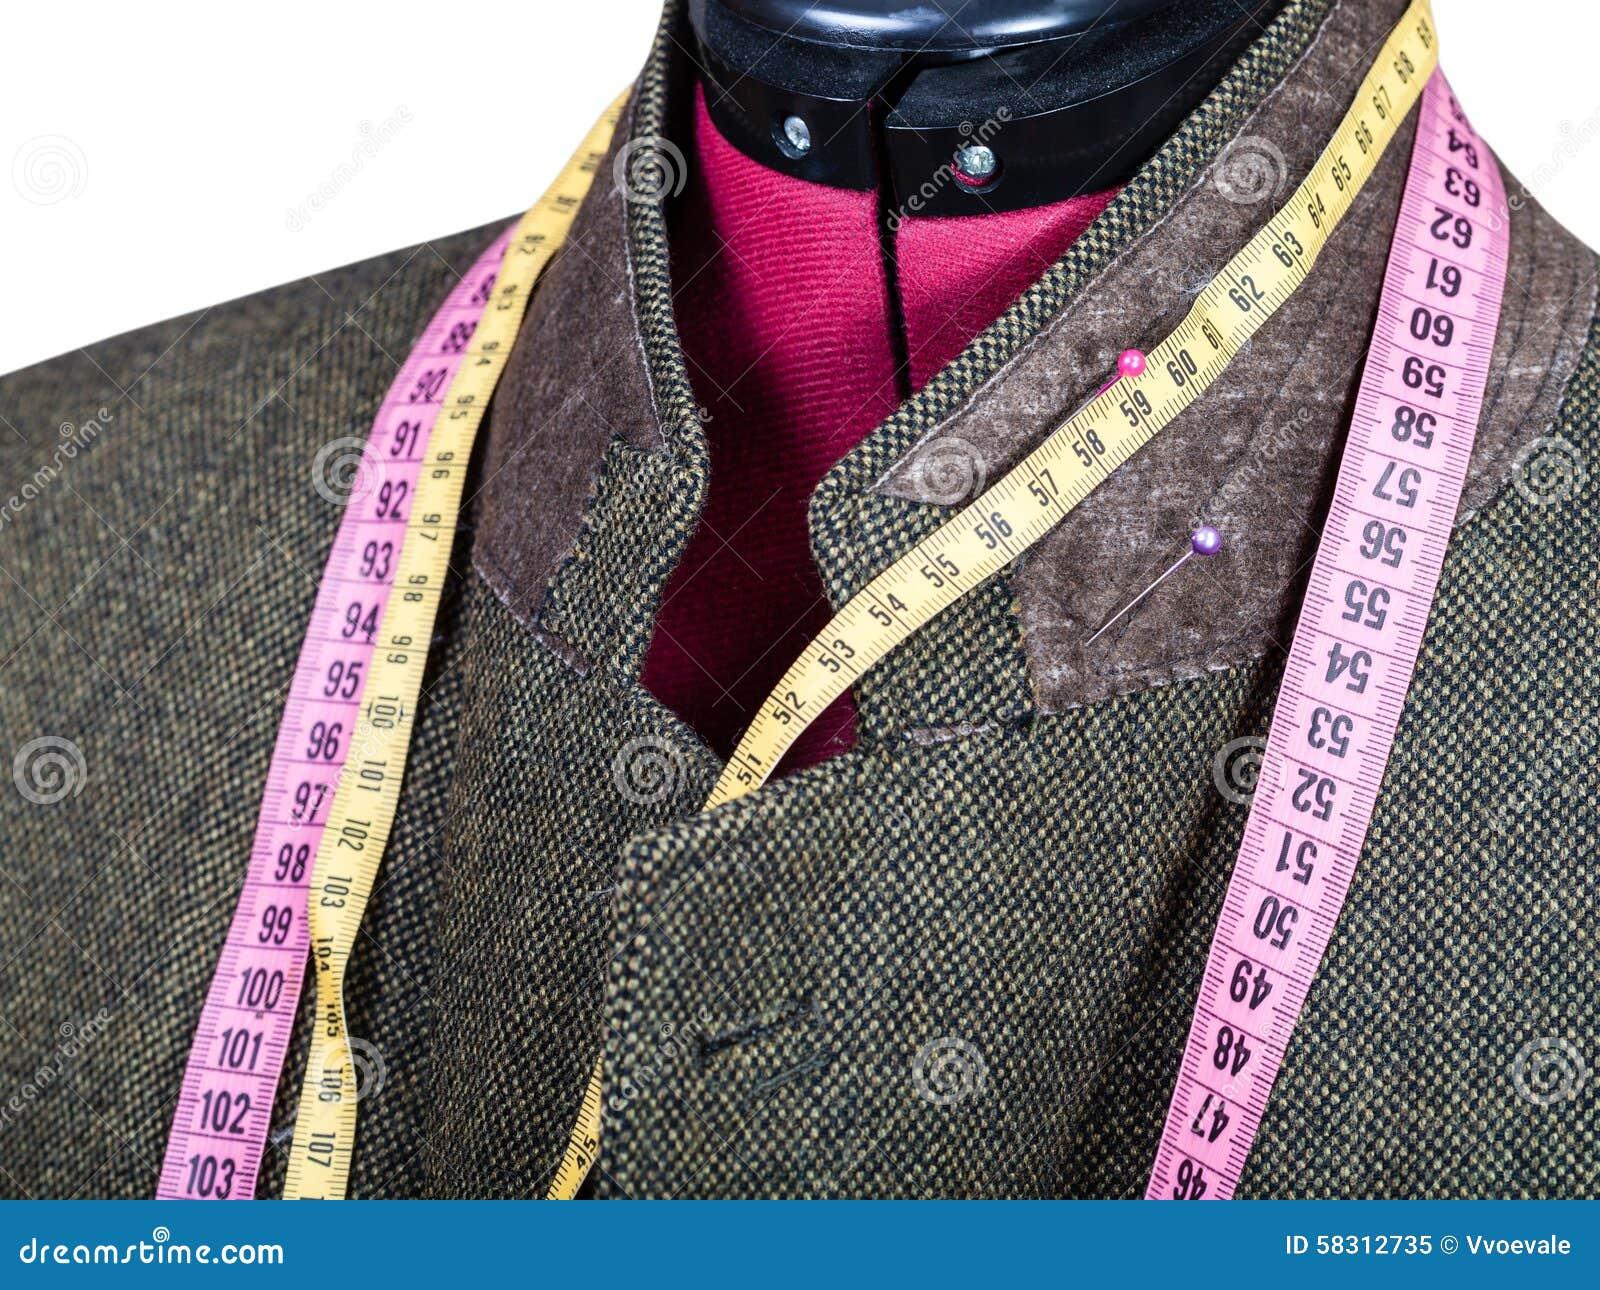 Adattamento del collare per il rivestimento di tweed sudel manichino